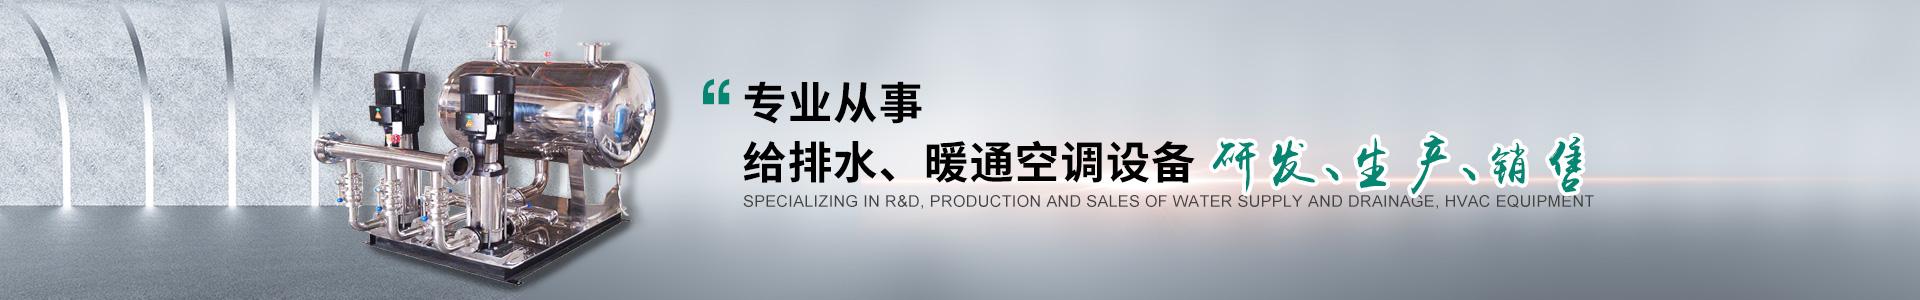 郑州森源通用设备有限公司